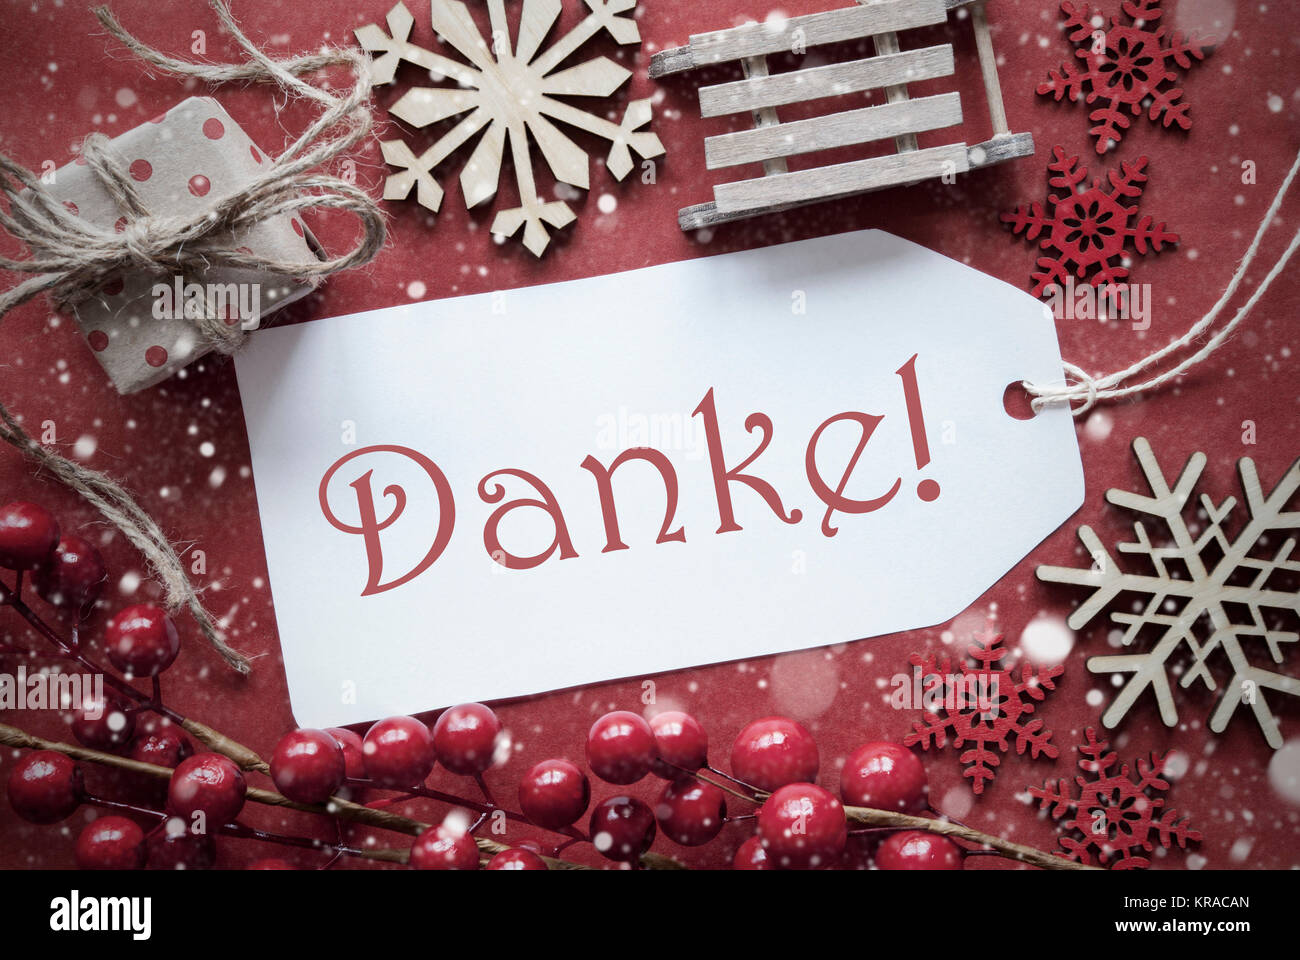 Nostalgische Weihnachten Dekoration wie Geschenk oder Präsent ...